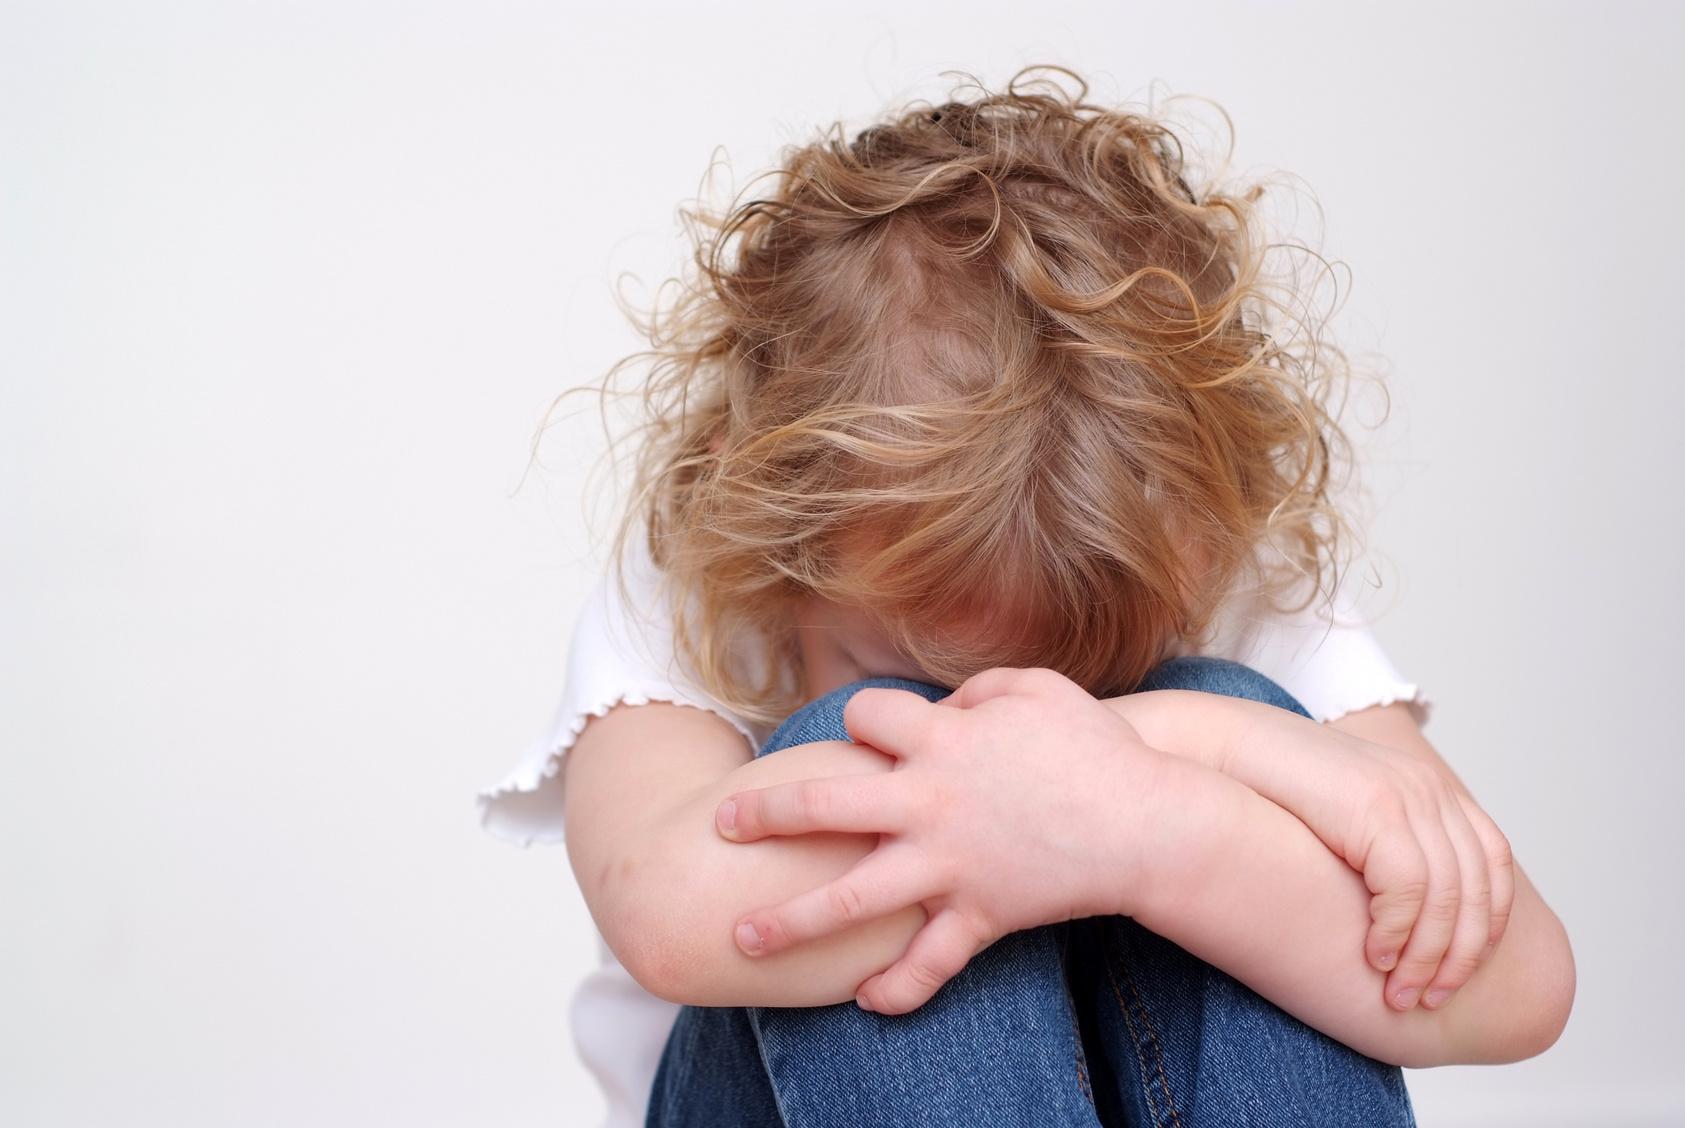 Schreckliches Video: Kinderschänder entreißt Mutter brutal ihre 13-jährige Tochter!